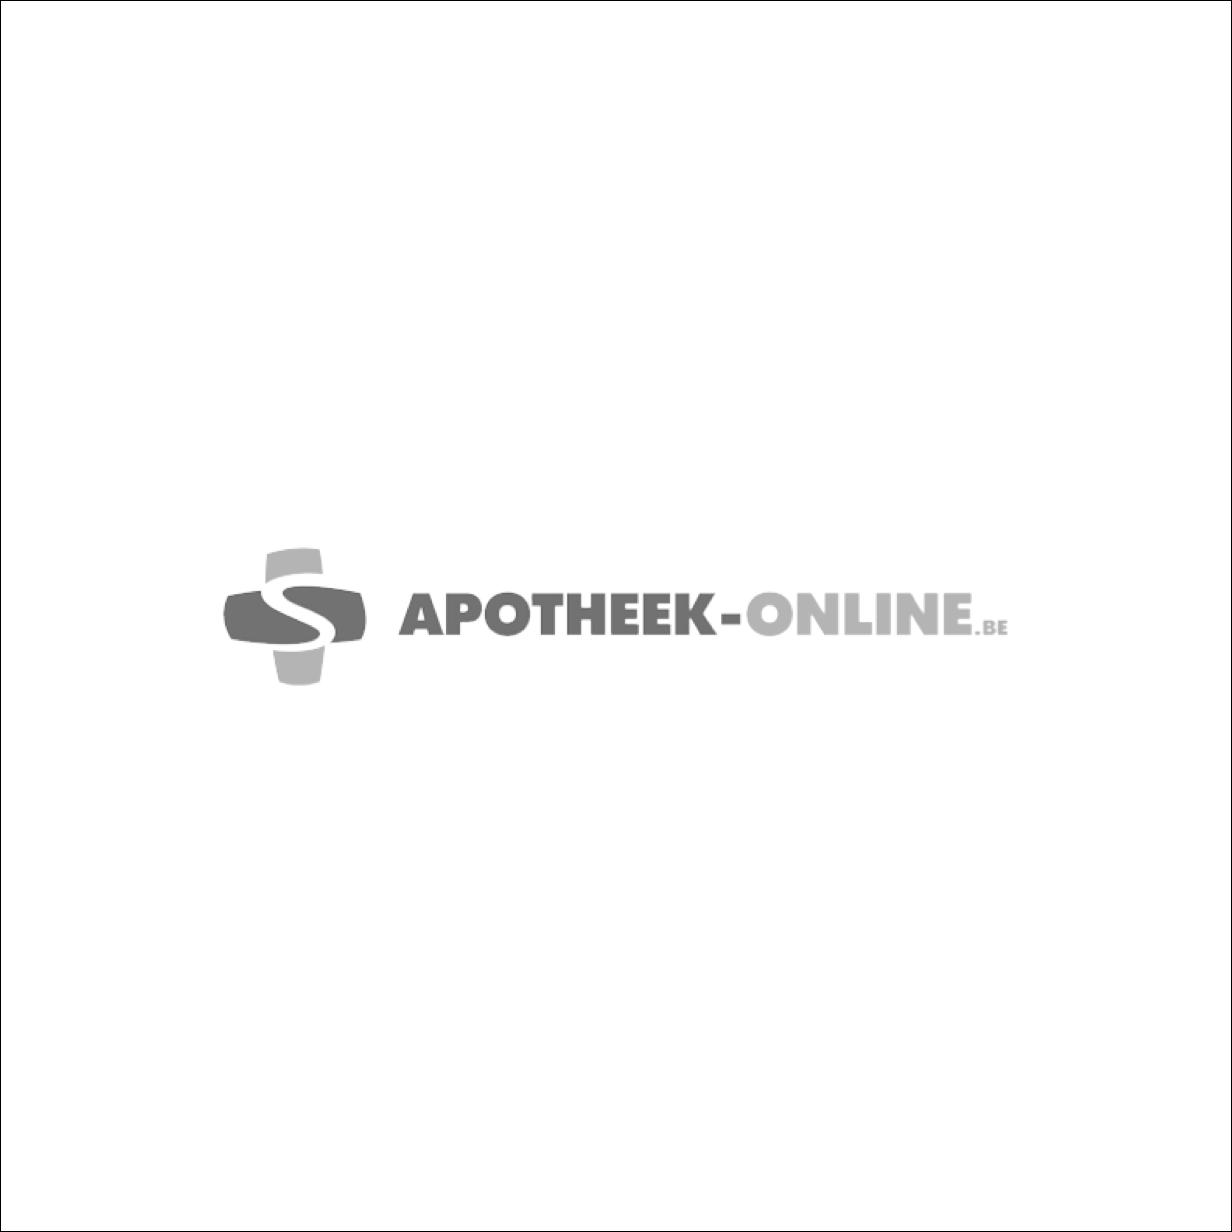 ALLEVYN ADH PANS HYDROCEL. 7,5X 7,5CM 3 66000348